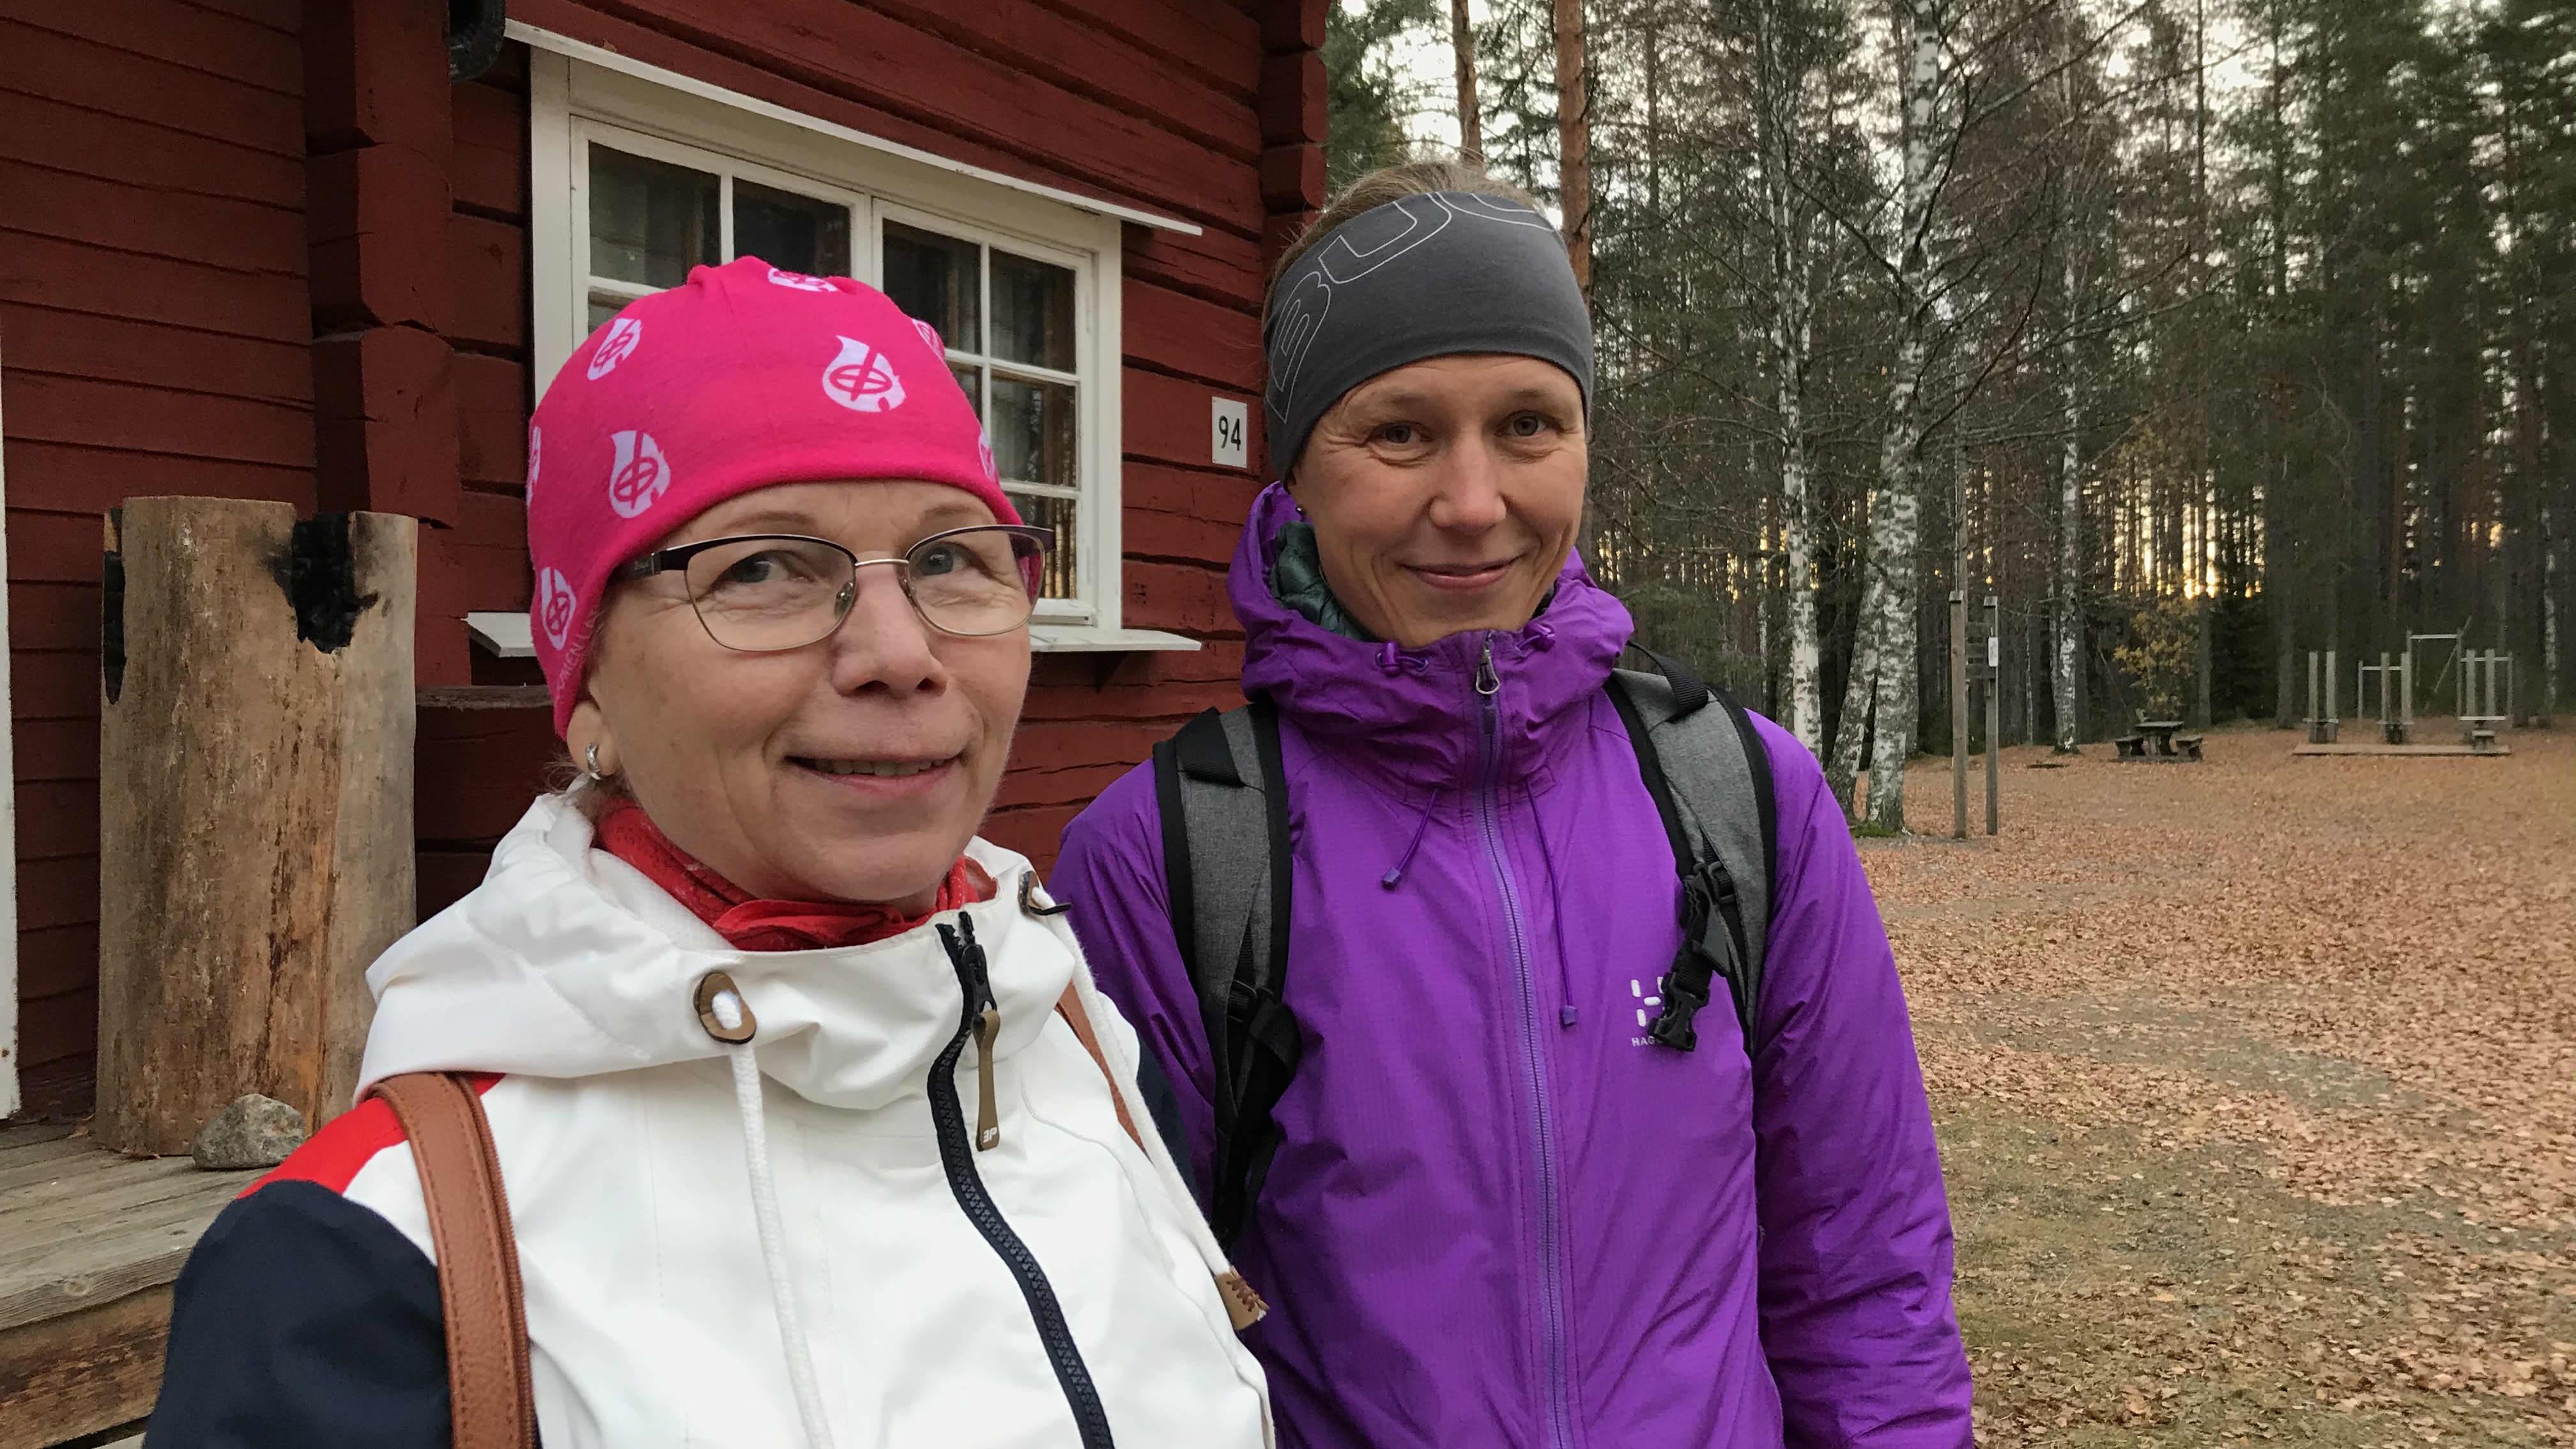 Joensuun Ladun puheenjohtaja Marjatta Partanen (vas.) ja Joensuun kaupungin liikuntasuunnittelija Anu Korhonen Lykynlammella.